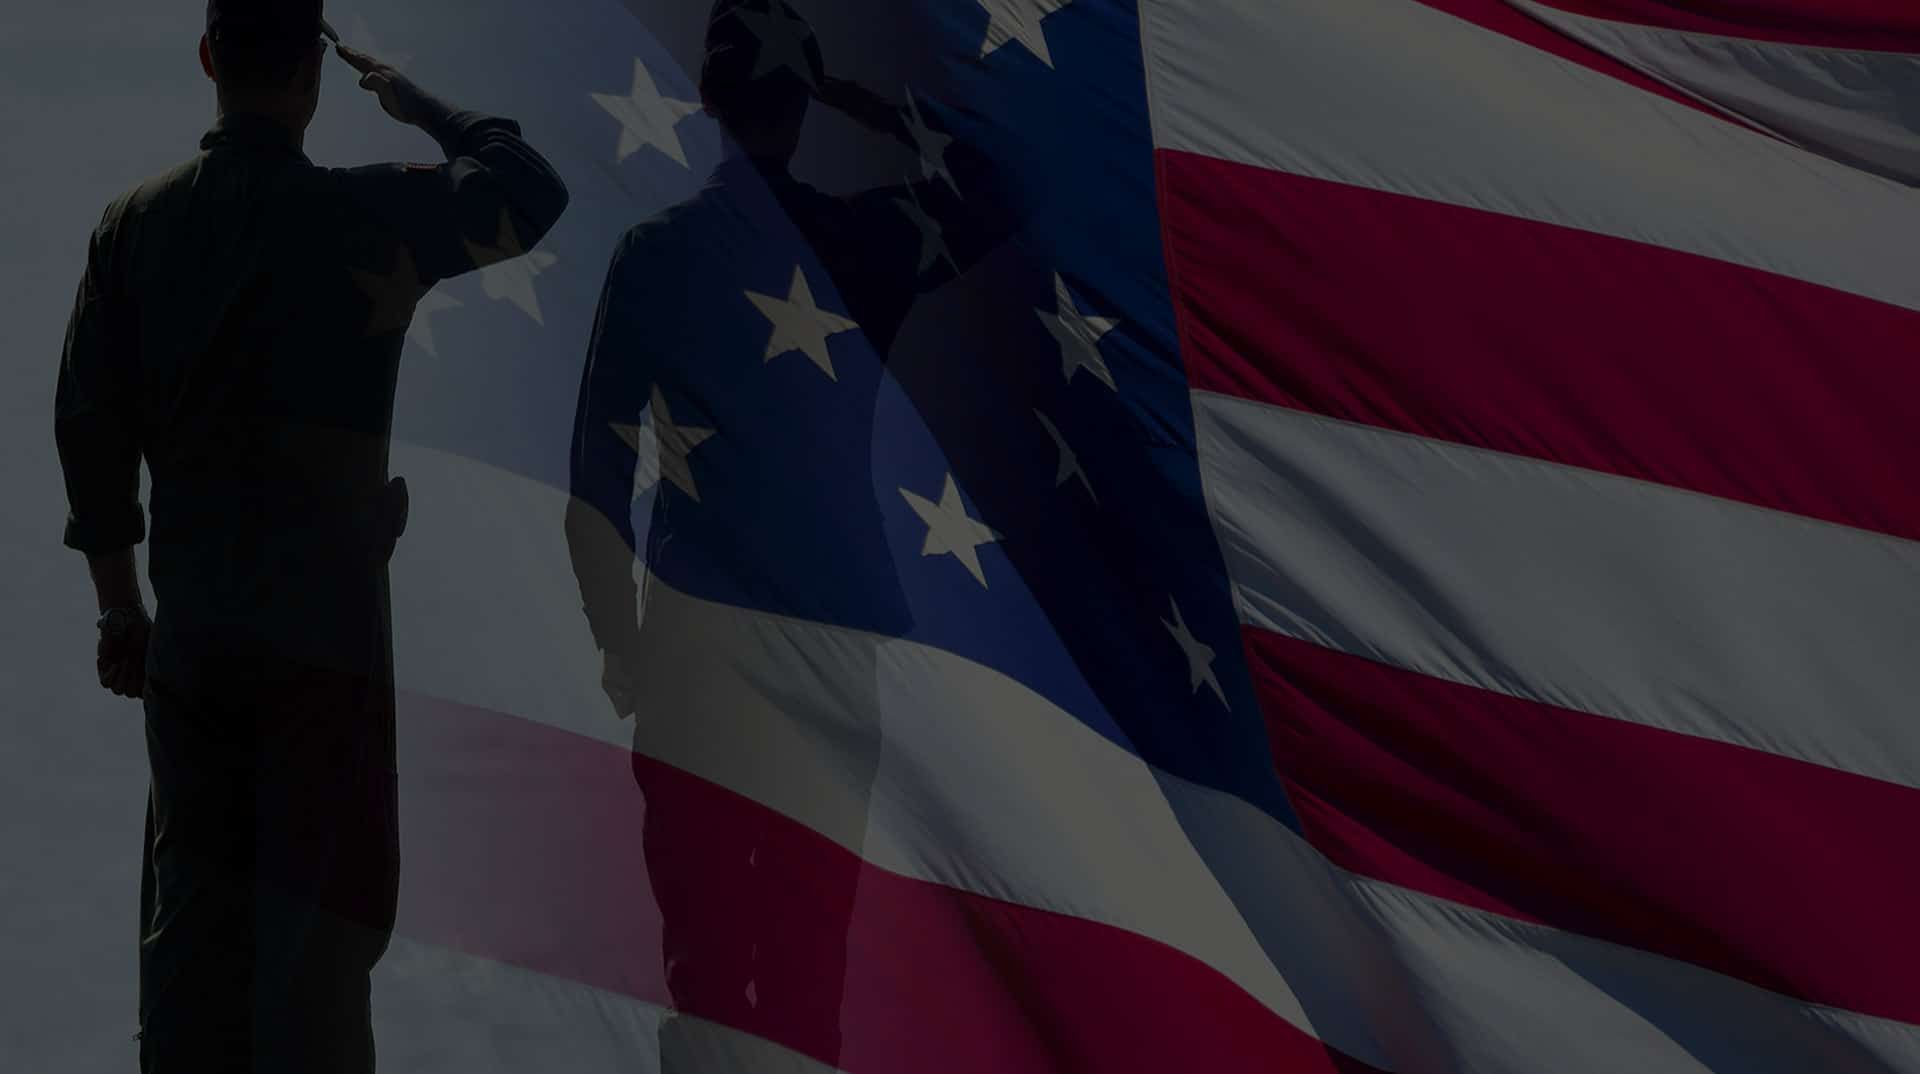 Tampa Bay Veterans Mortgage, Tampa Veterans Mortgage, Tamps VA Mortgage, Tampa Bay VA Mortgage, Tampa VA